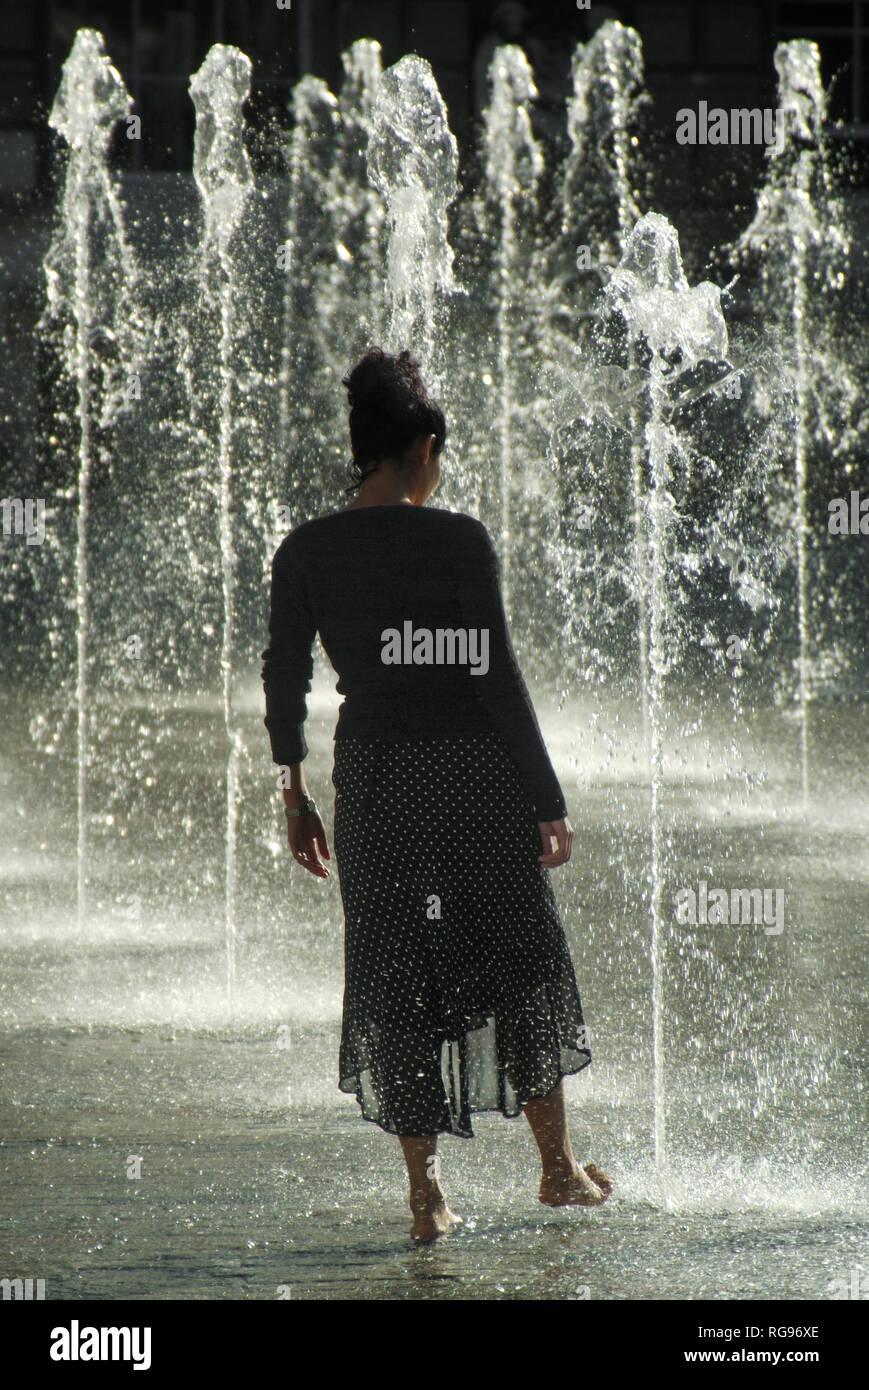 Concepto de pruebas y toe de inmersión en agua de manantial característica silueta vista posterior tall joven mujer divertida de enfriar el clima caliente del verano Londres England Reino Unido Imagen De Stock